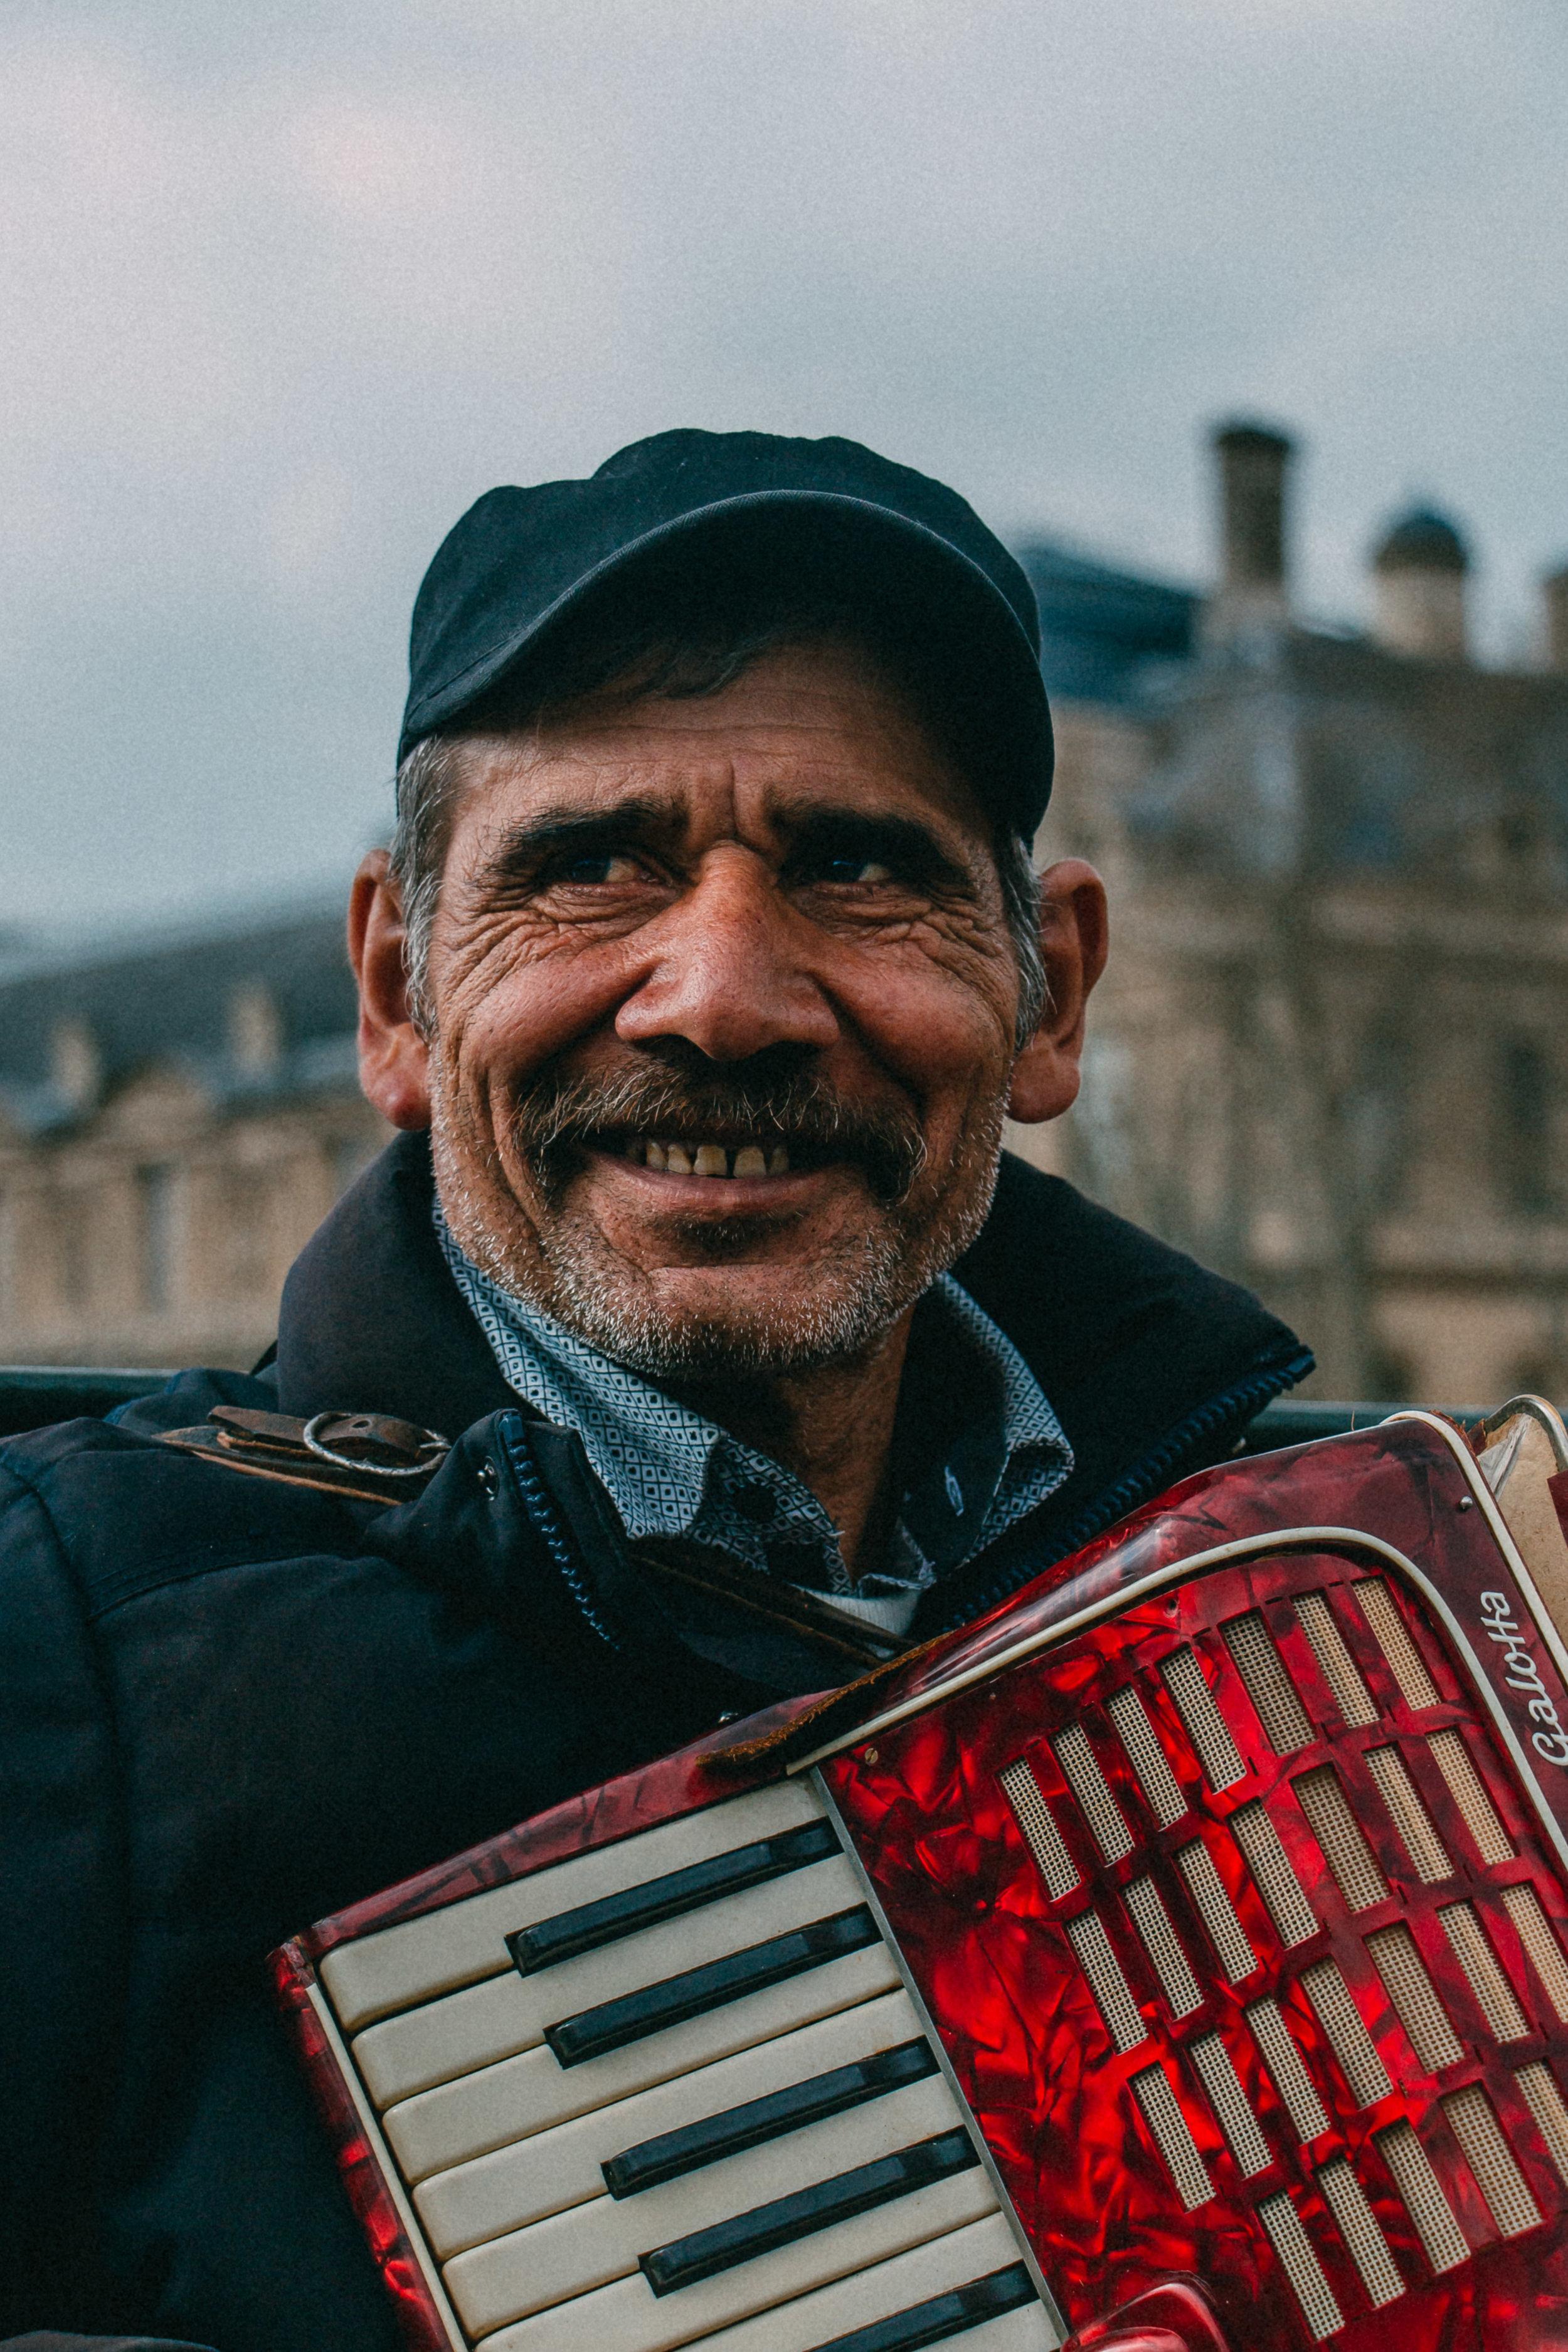 Parisfolio-6.jpg